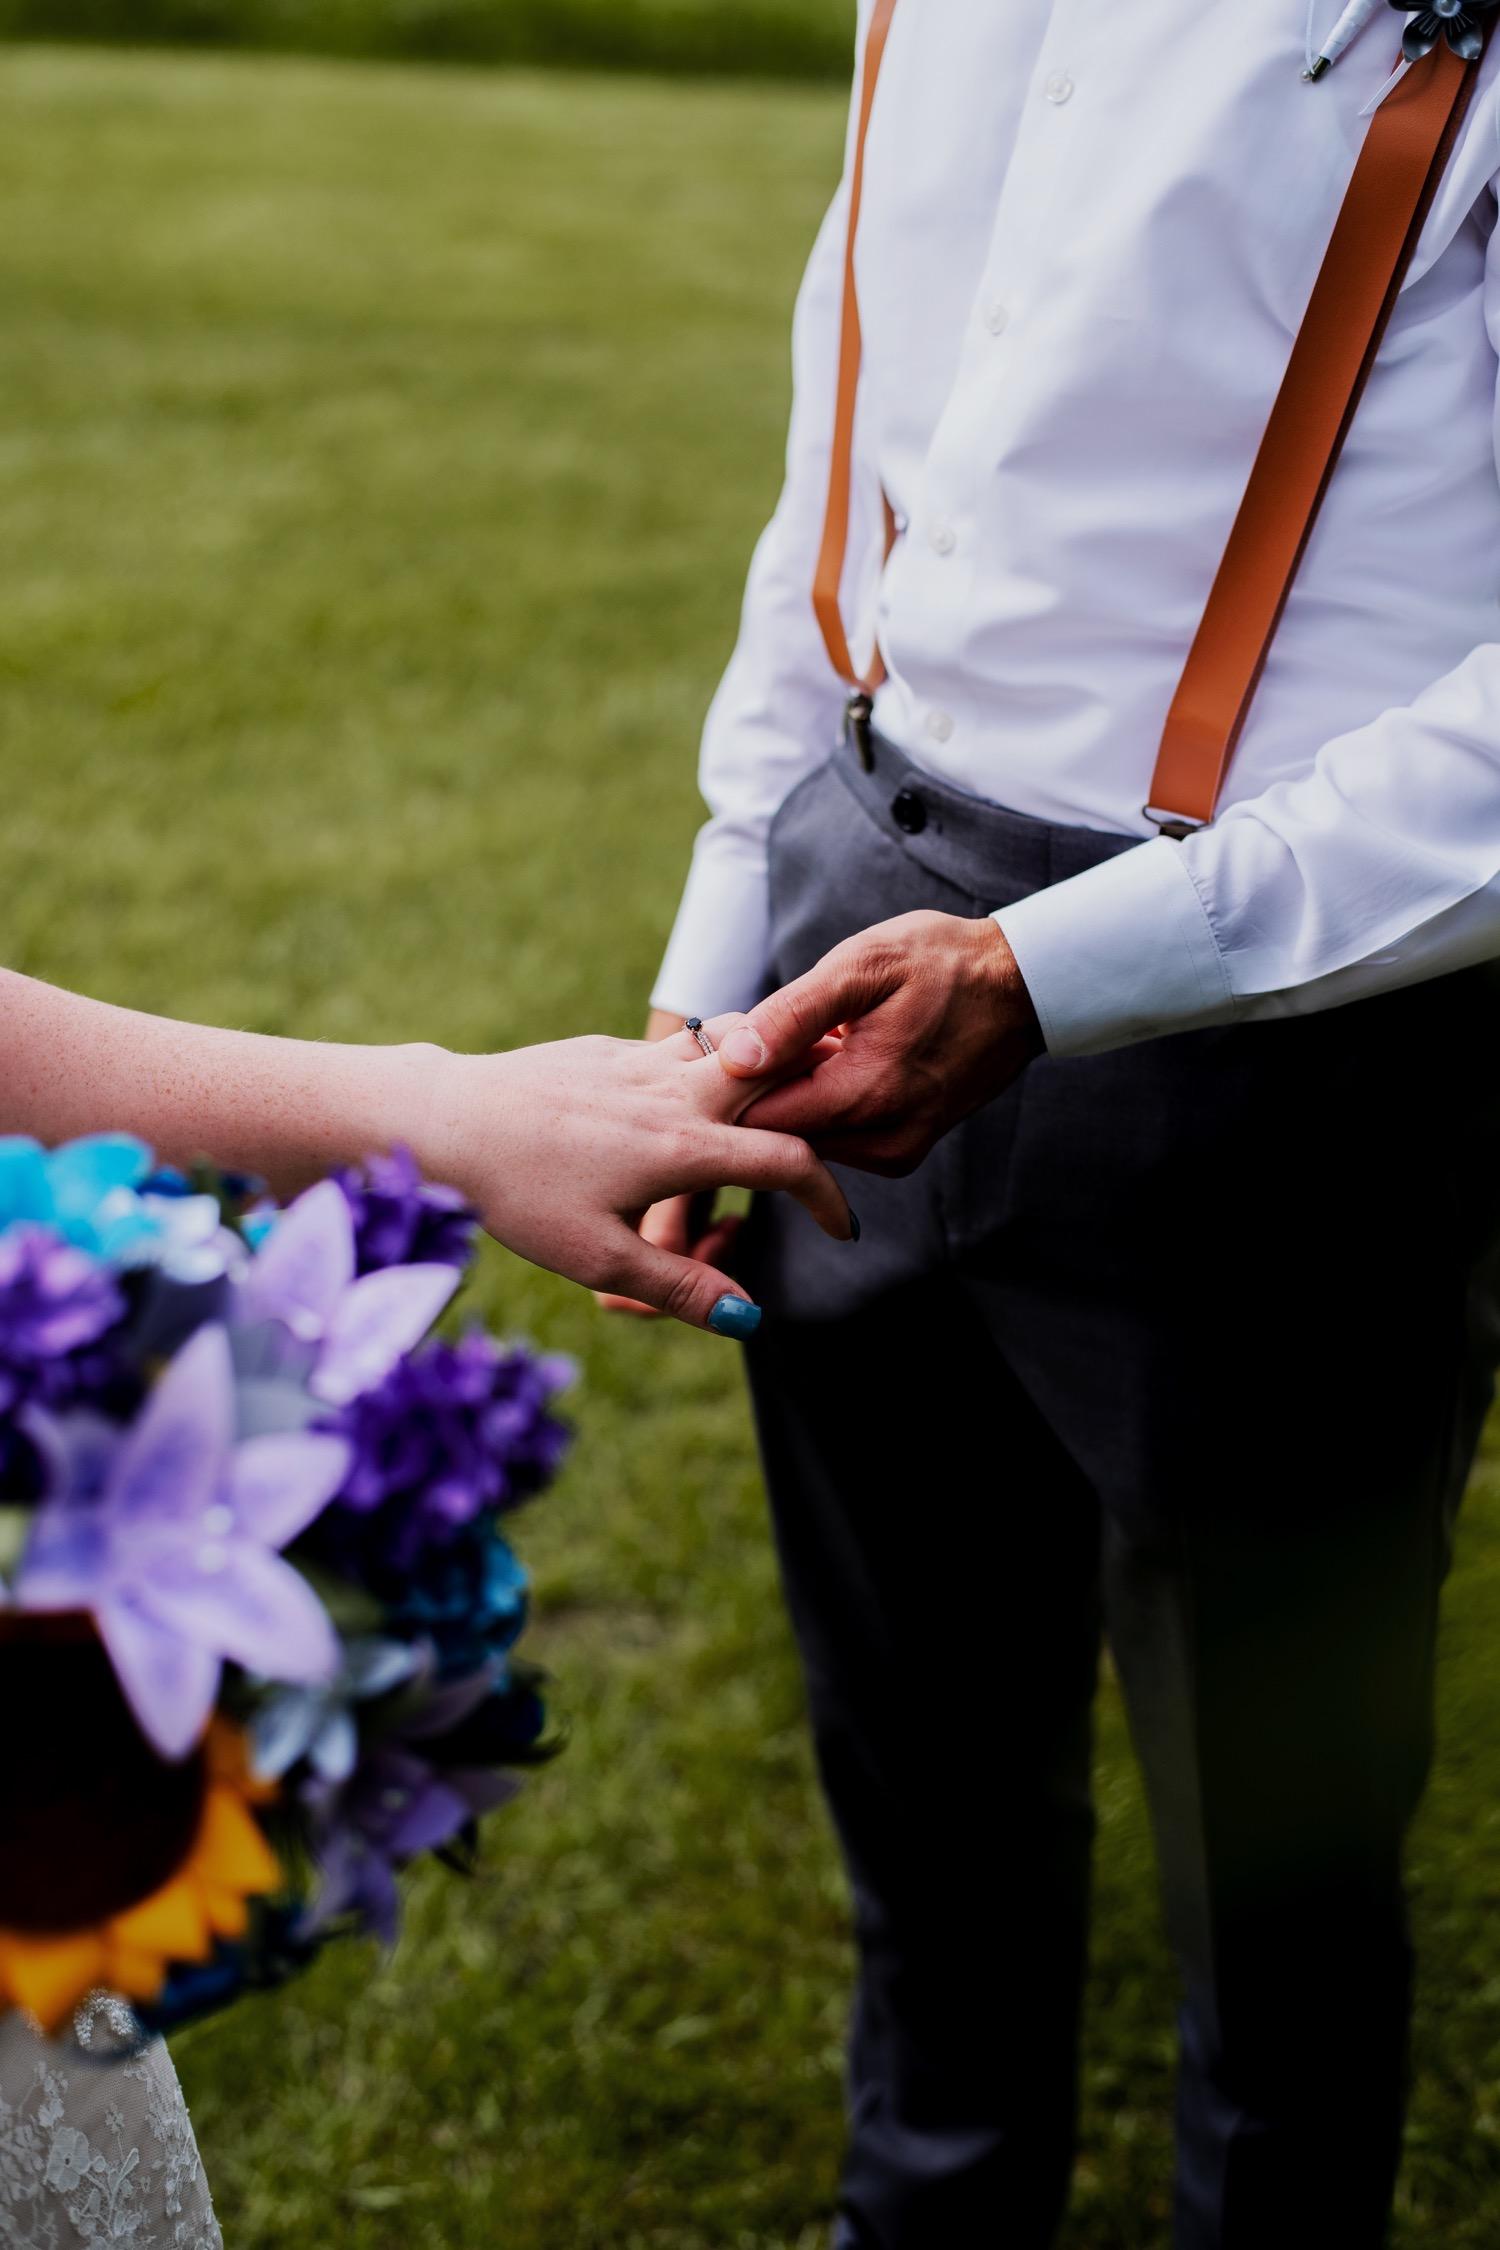 070_Bowden-Pavlocik-Galena-OakHillFarm-Wedding_0107.jpg